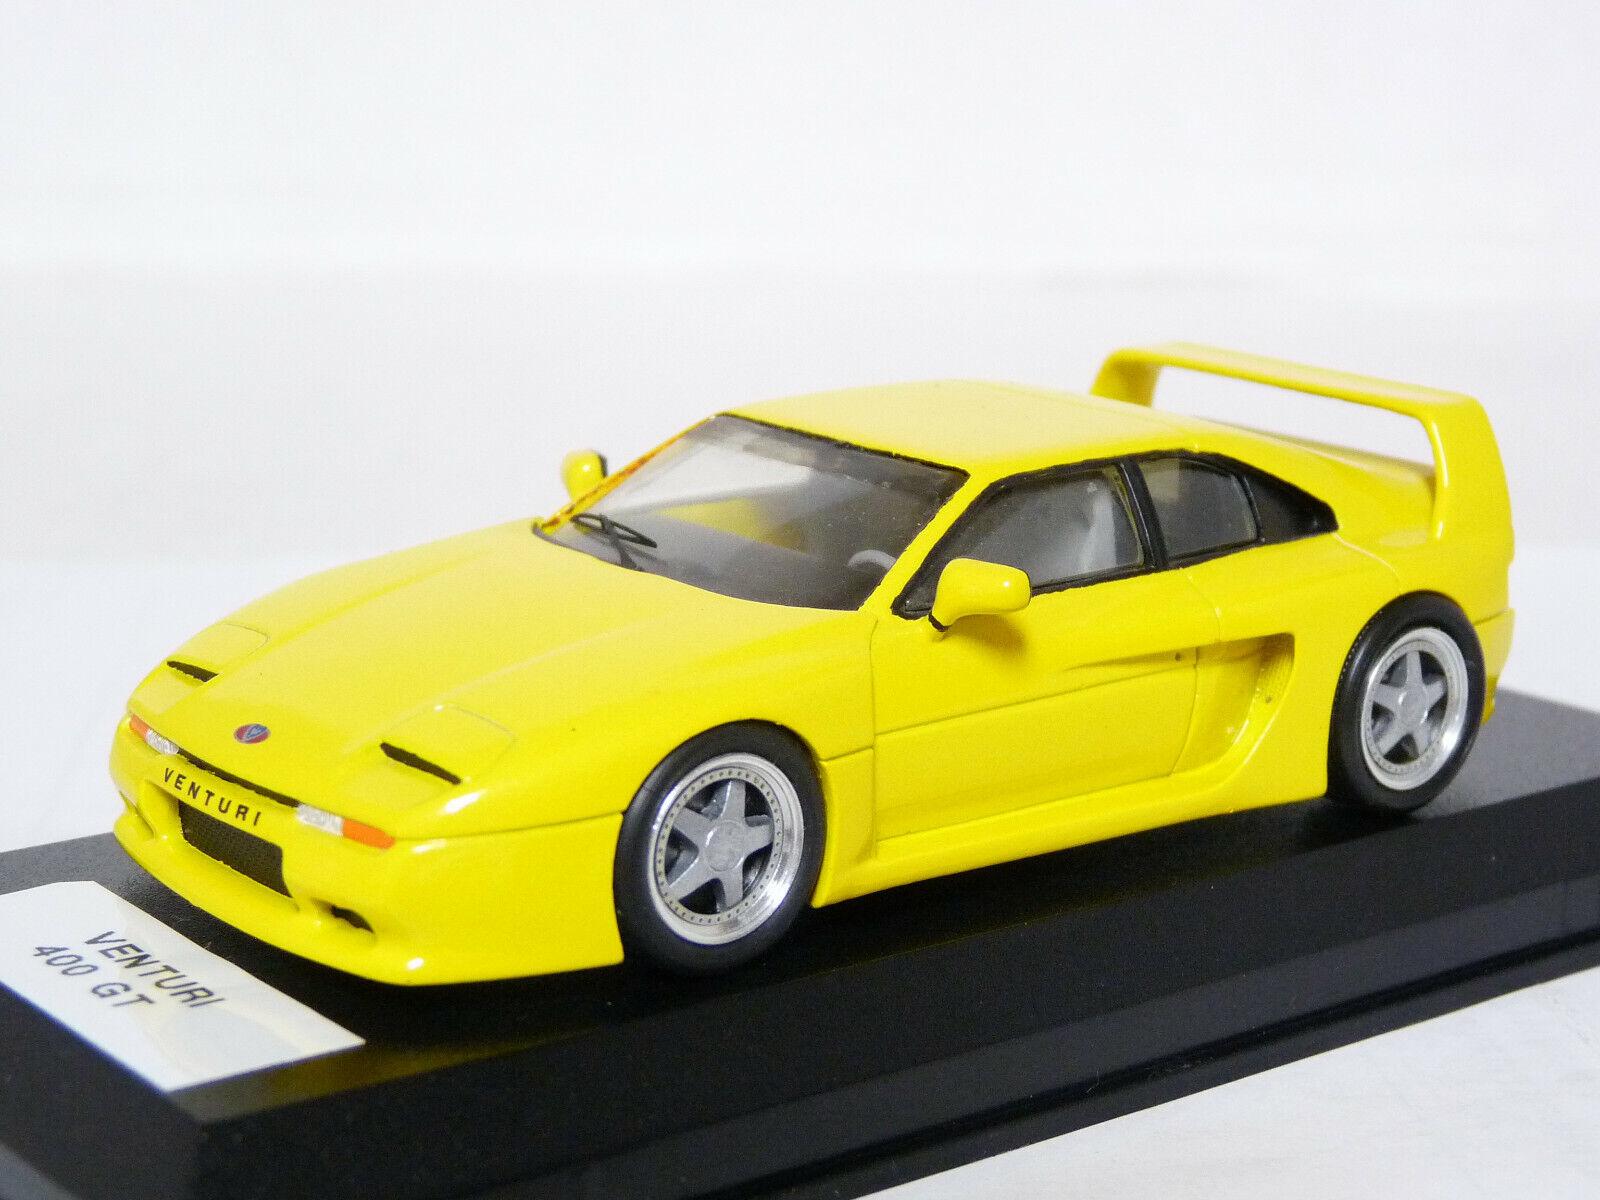 Provence MOULAGE K843 1 43 1994 400GT Venturi hecho a mano modelo de resina kit de coche